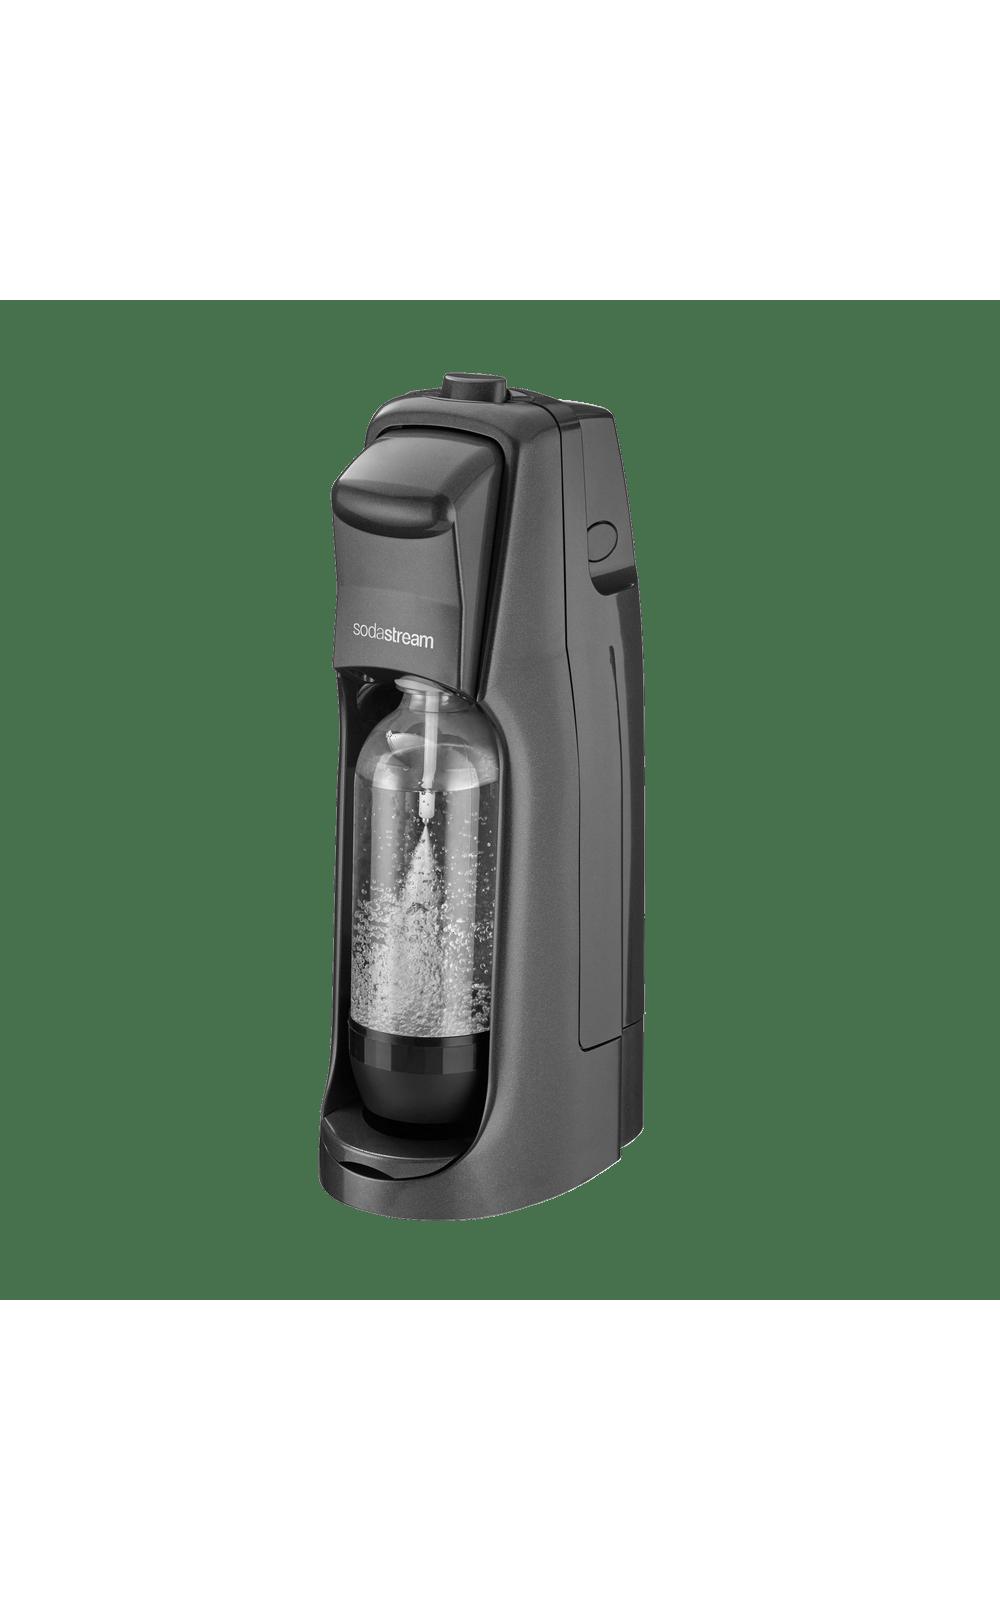 Foto 5 - Máquina para Gaseificar Água Jet SodaStream Preta